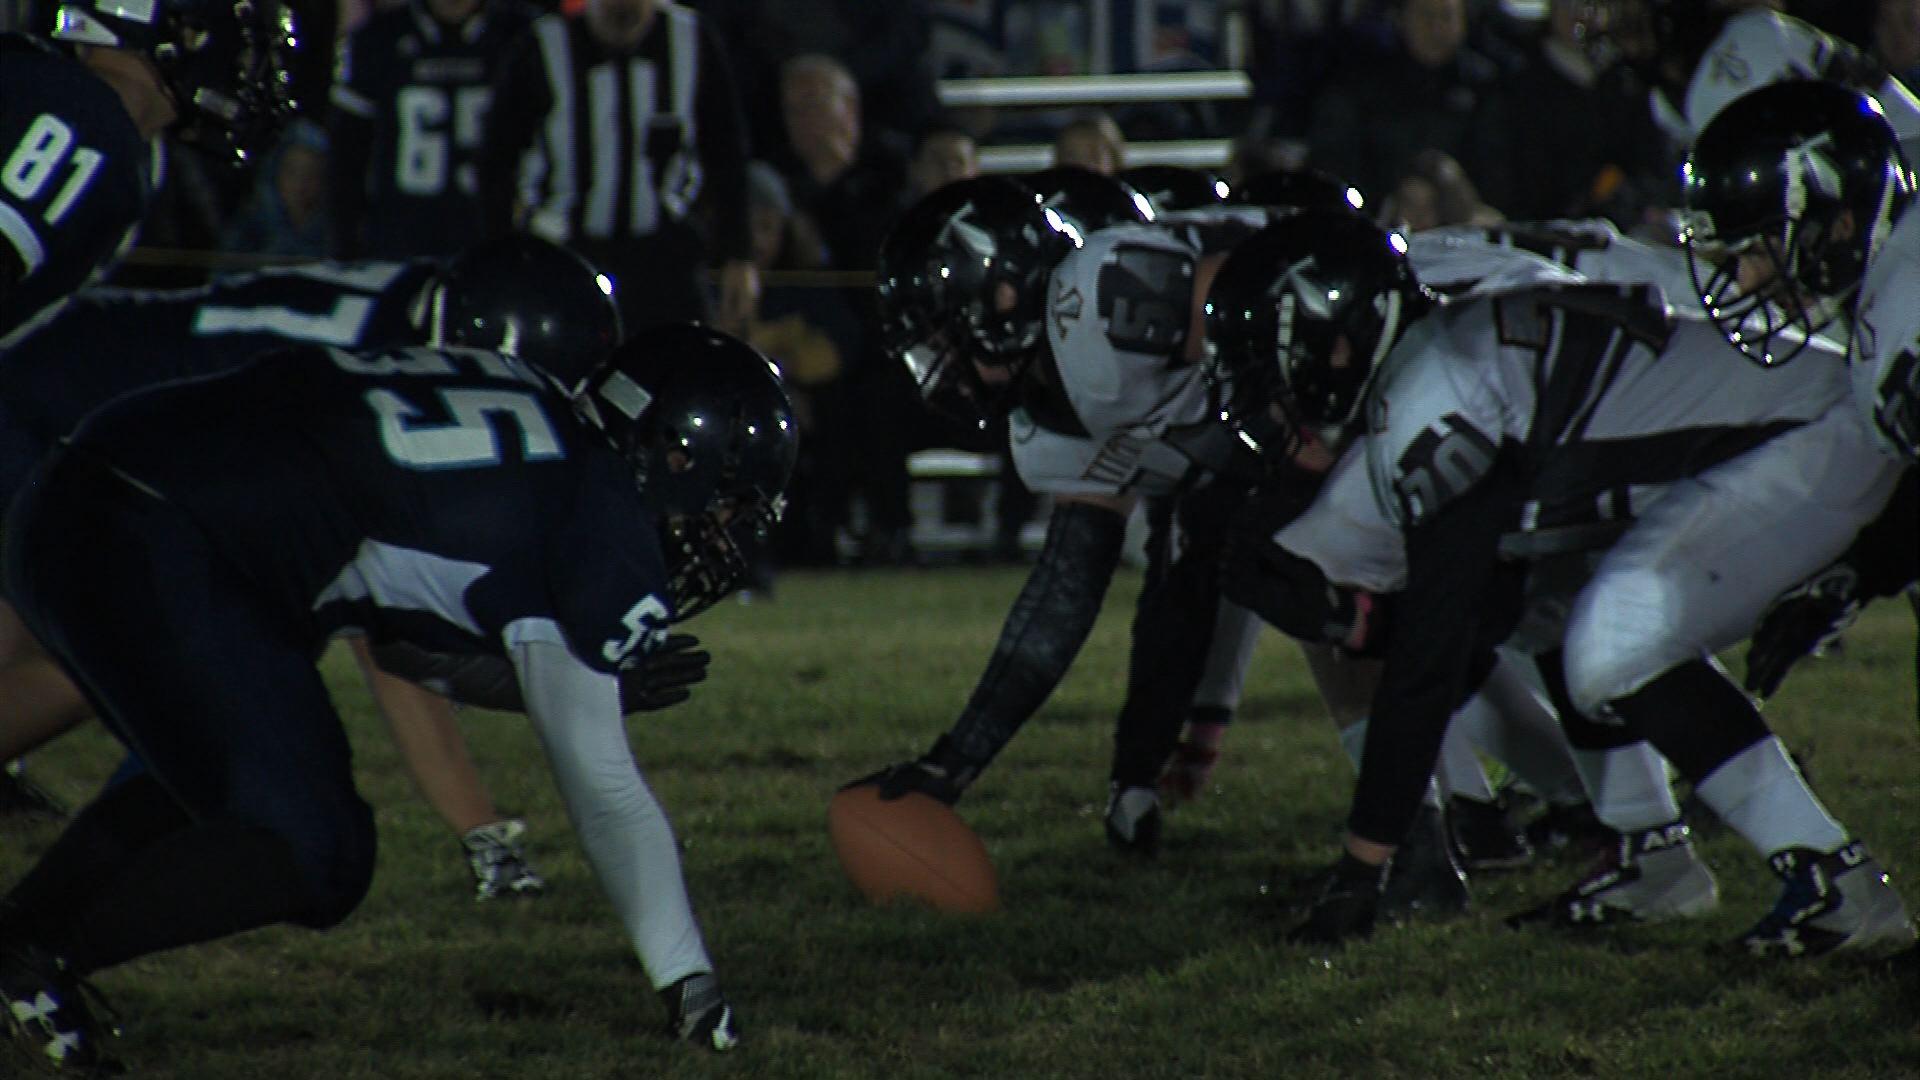 Friday Night Lights Keeps Kamloops High School Football